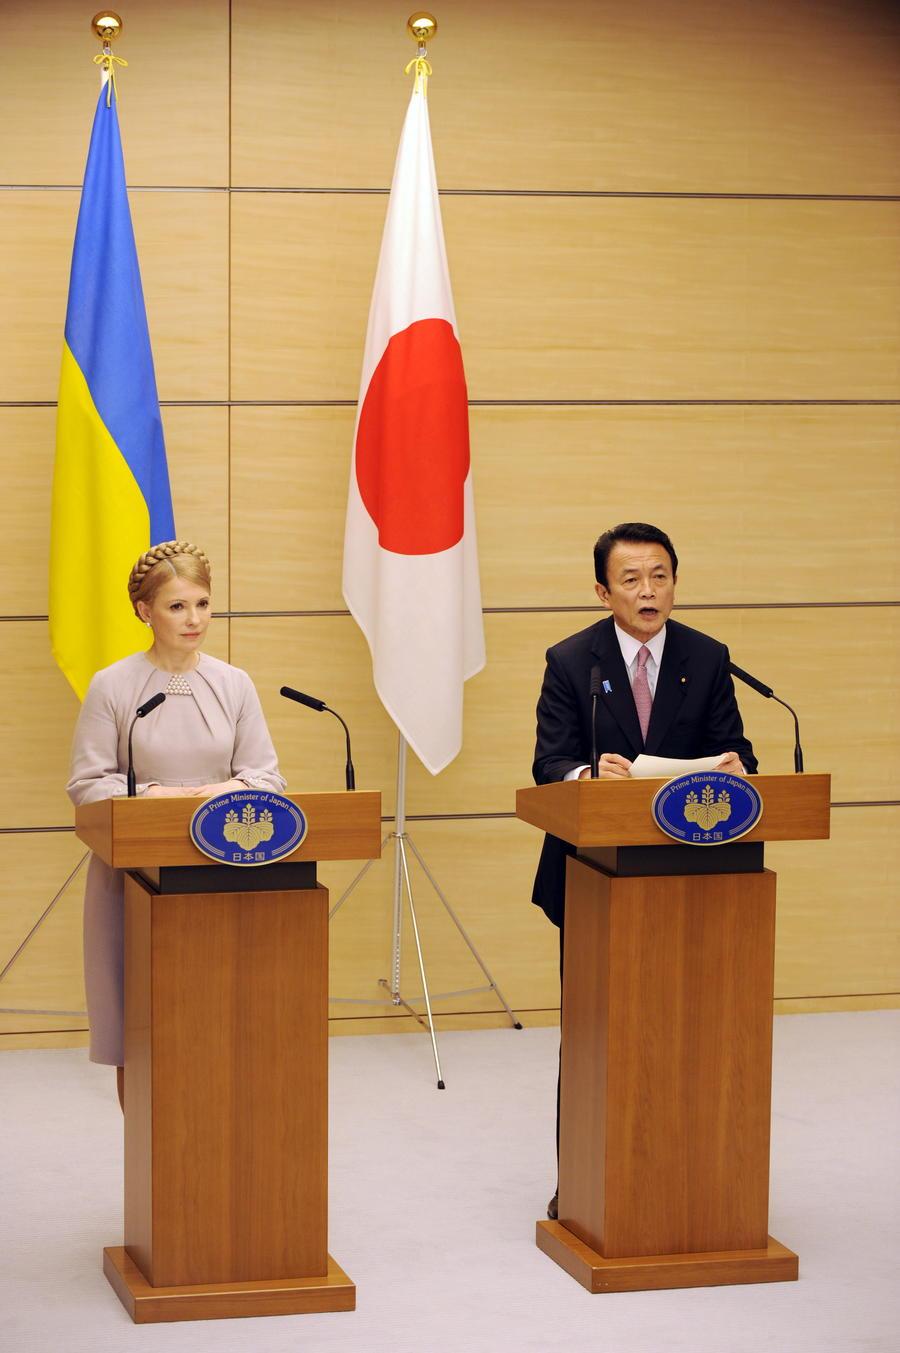 Япония выделит $1,5 млрд для преодоления кризиса на Украине